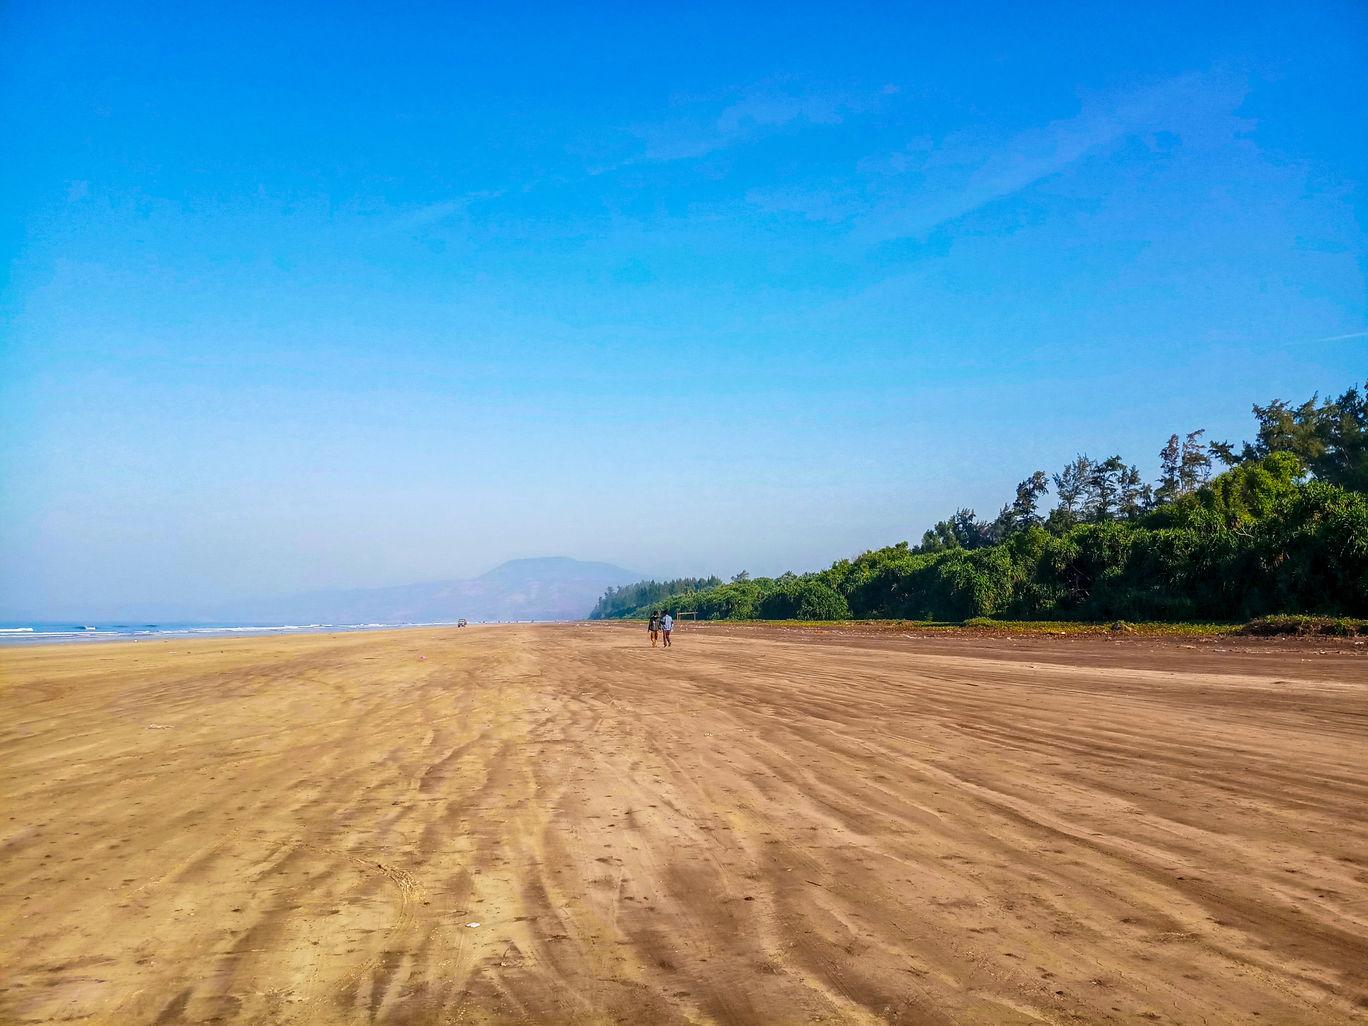 Photo of Diveagar Beach By Rishikesh Borse